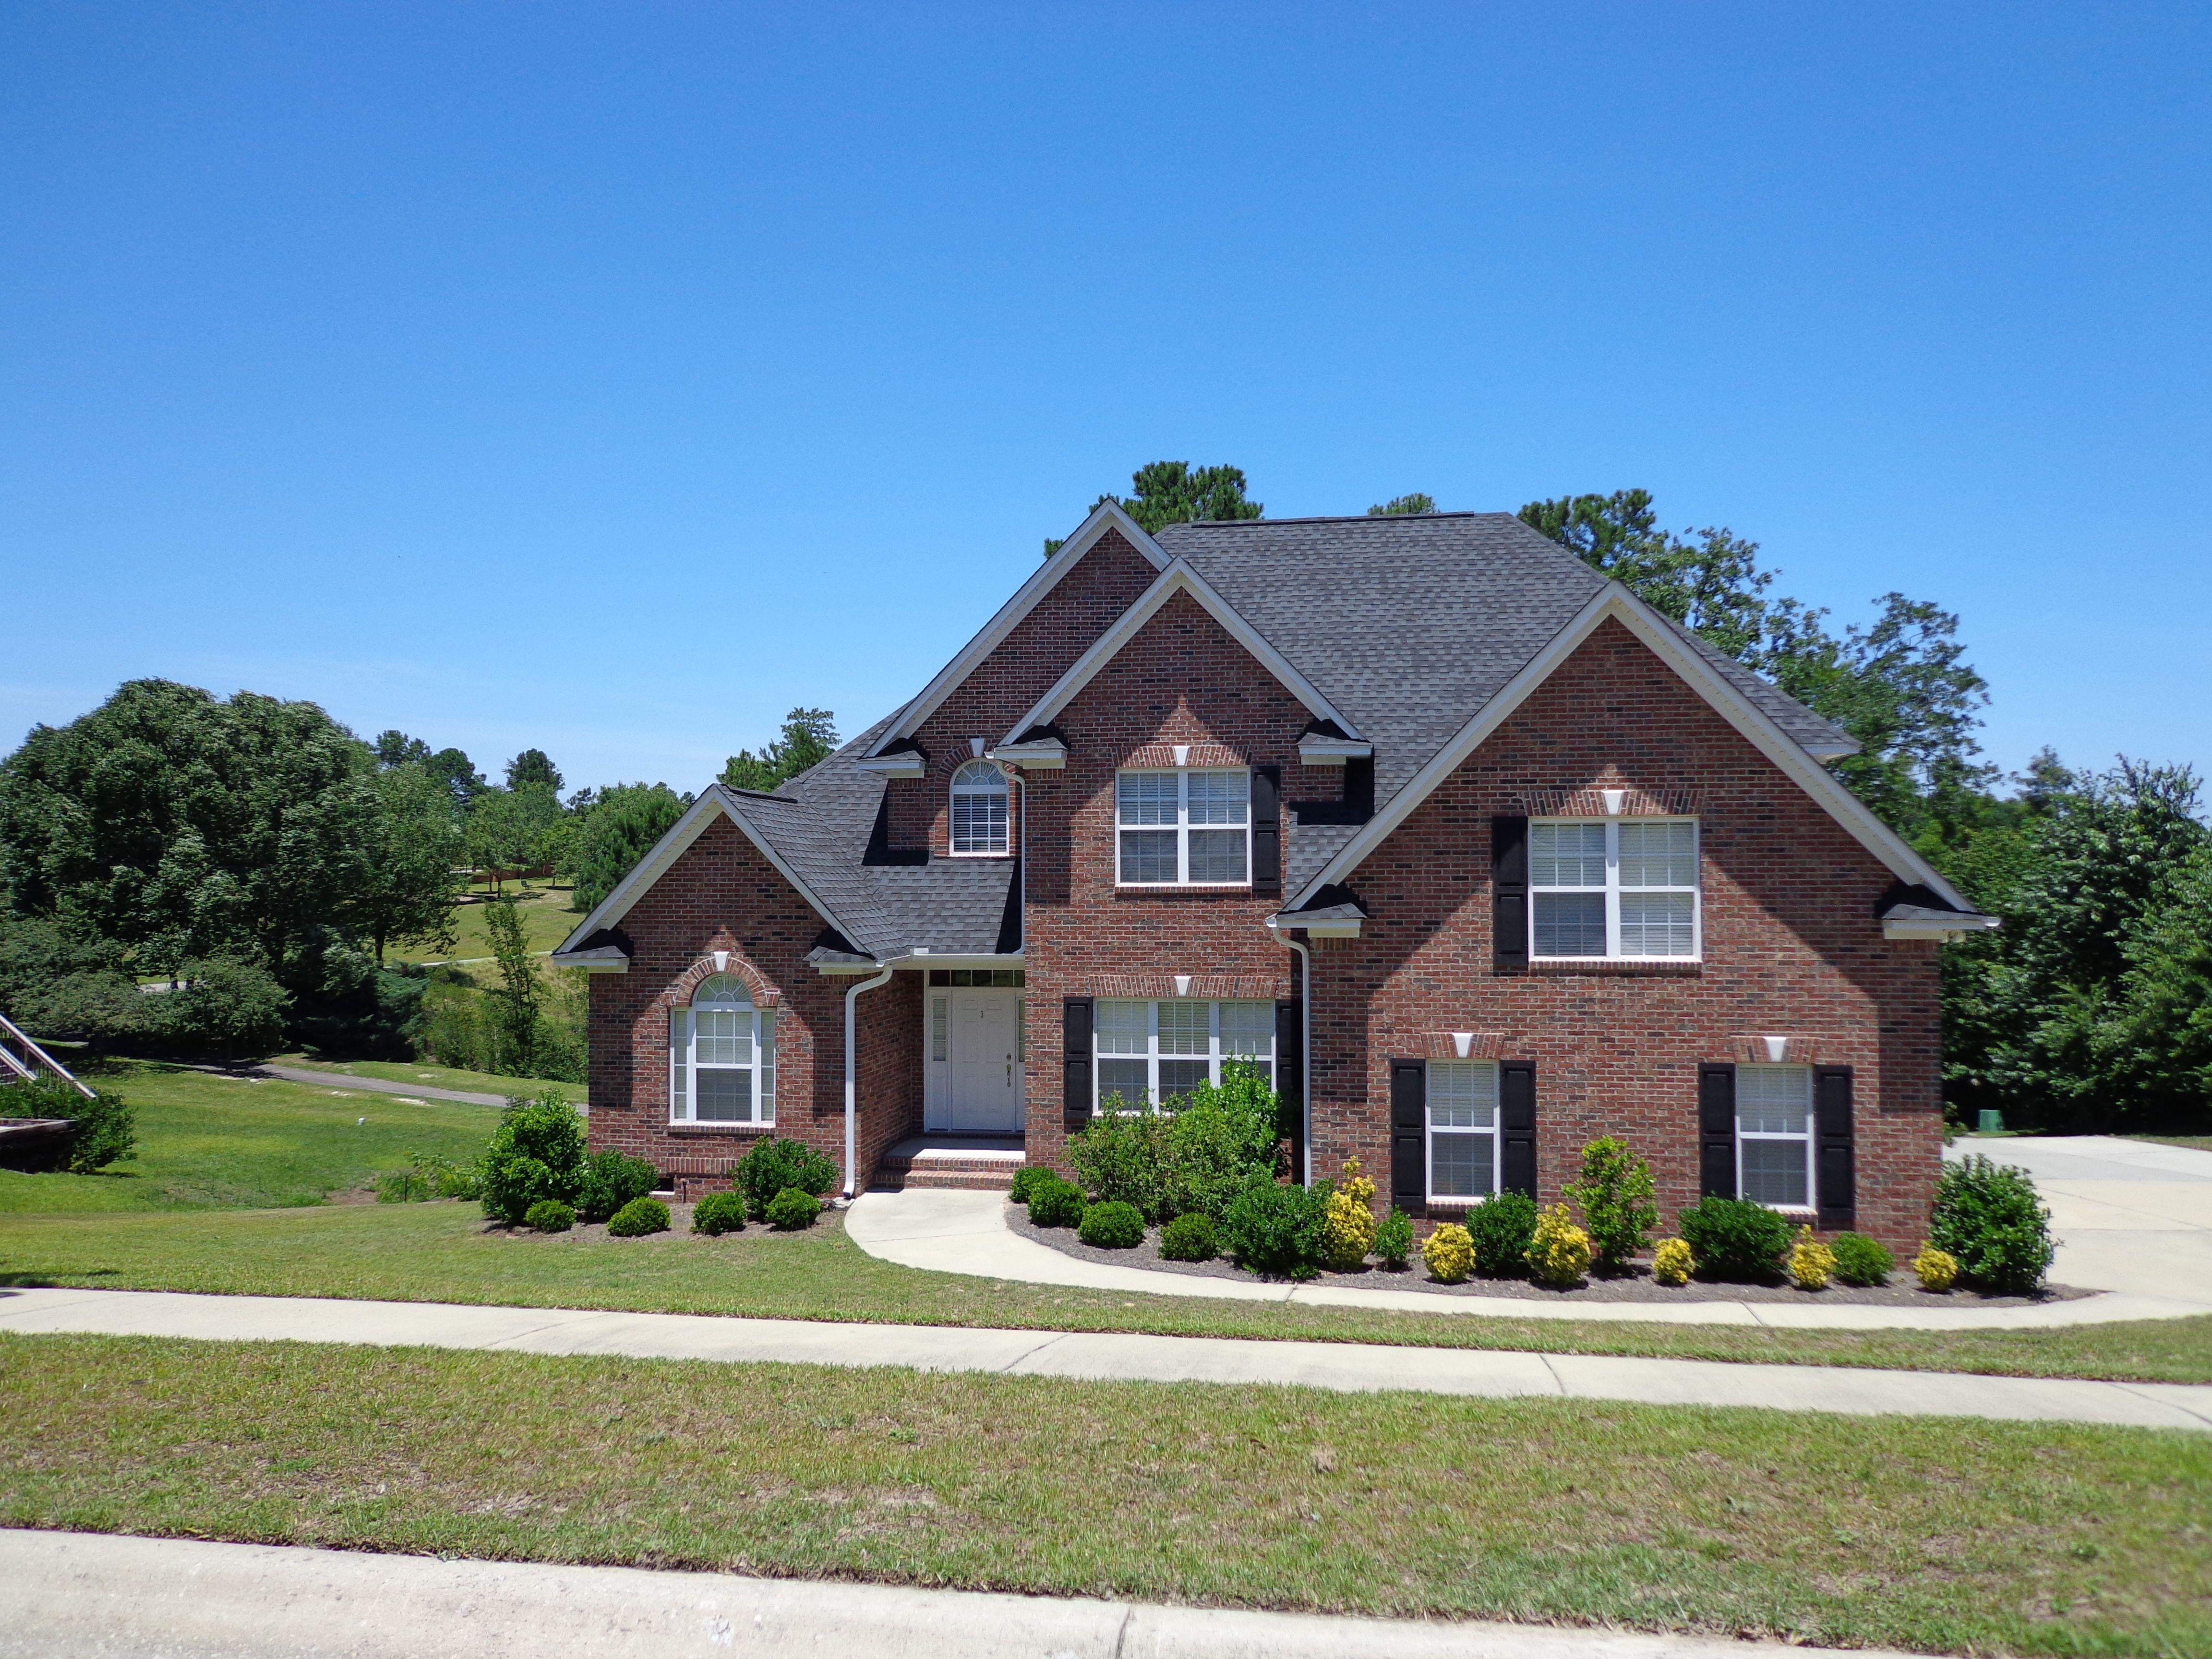 All Brick Home House exterior